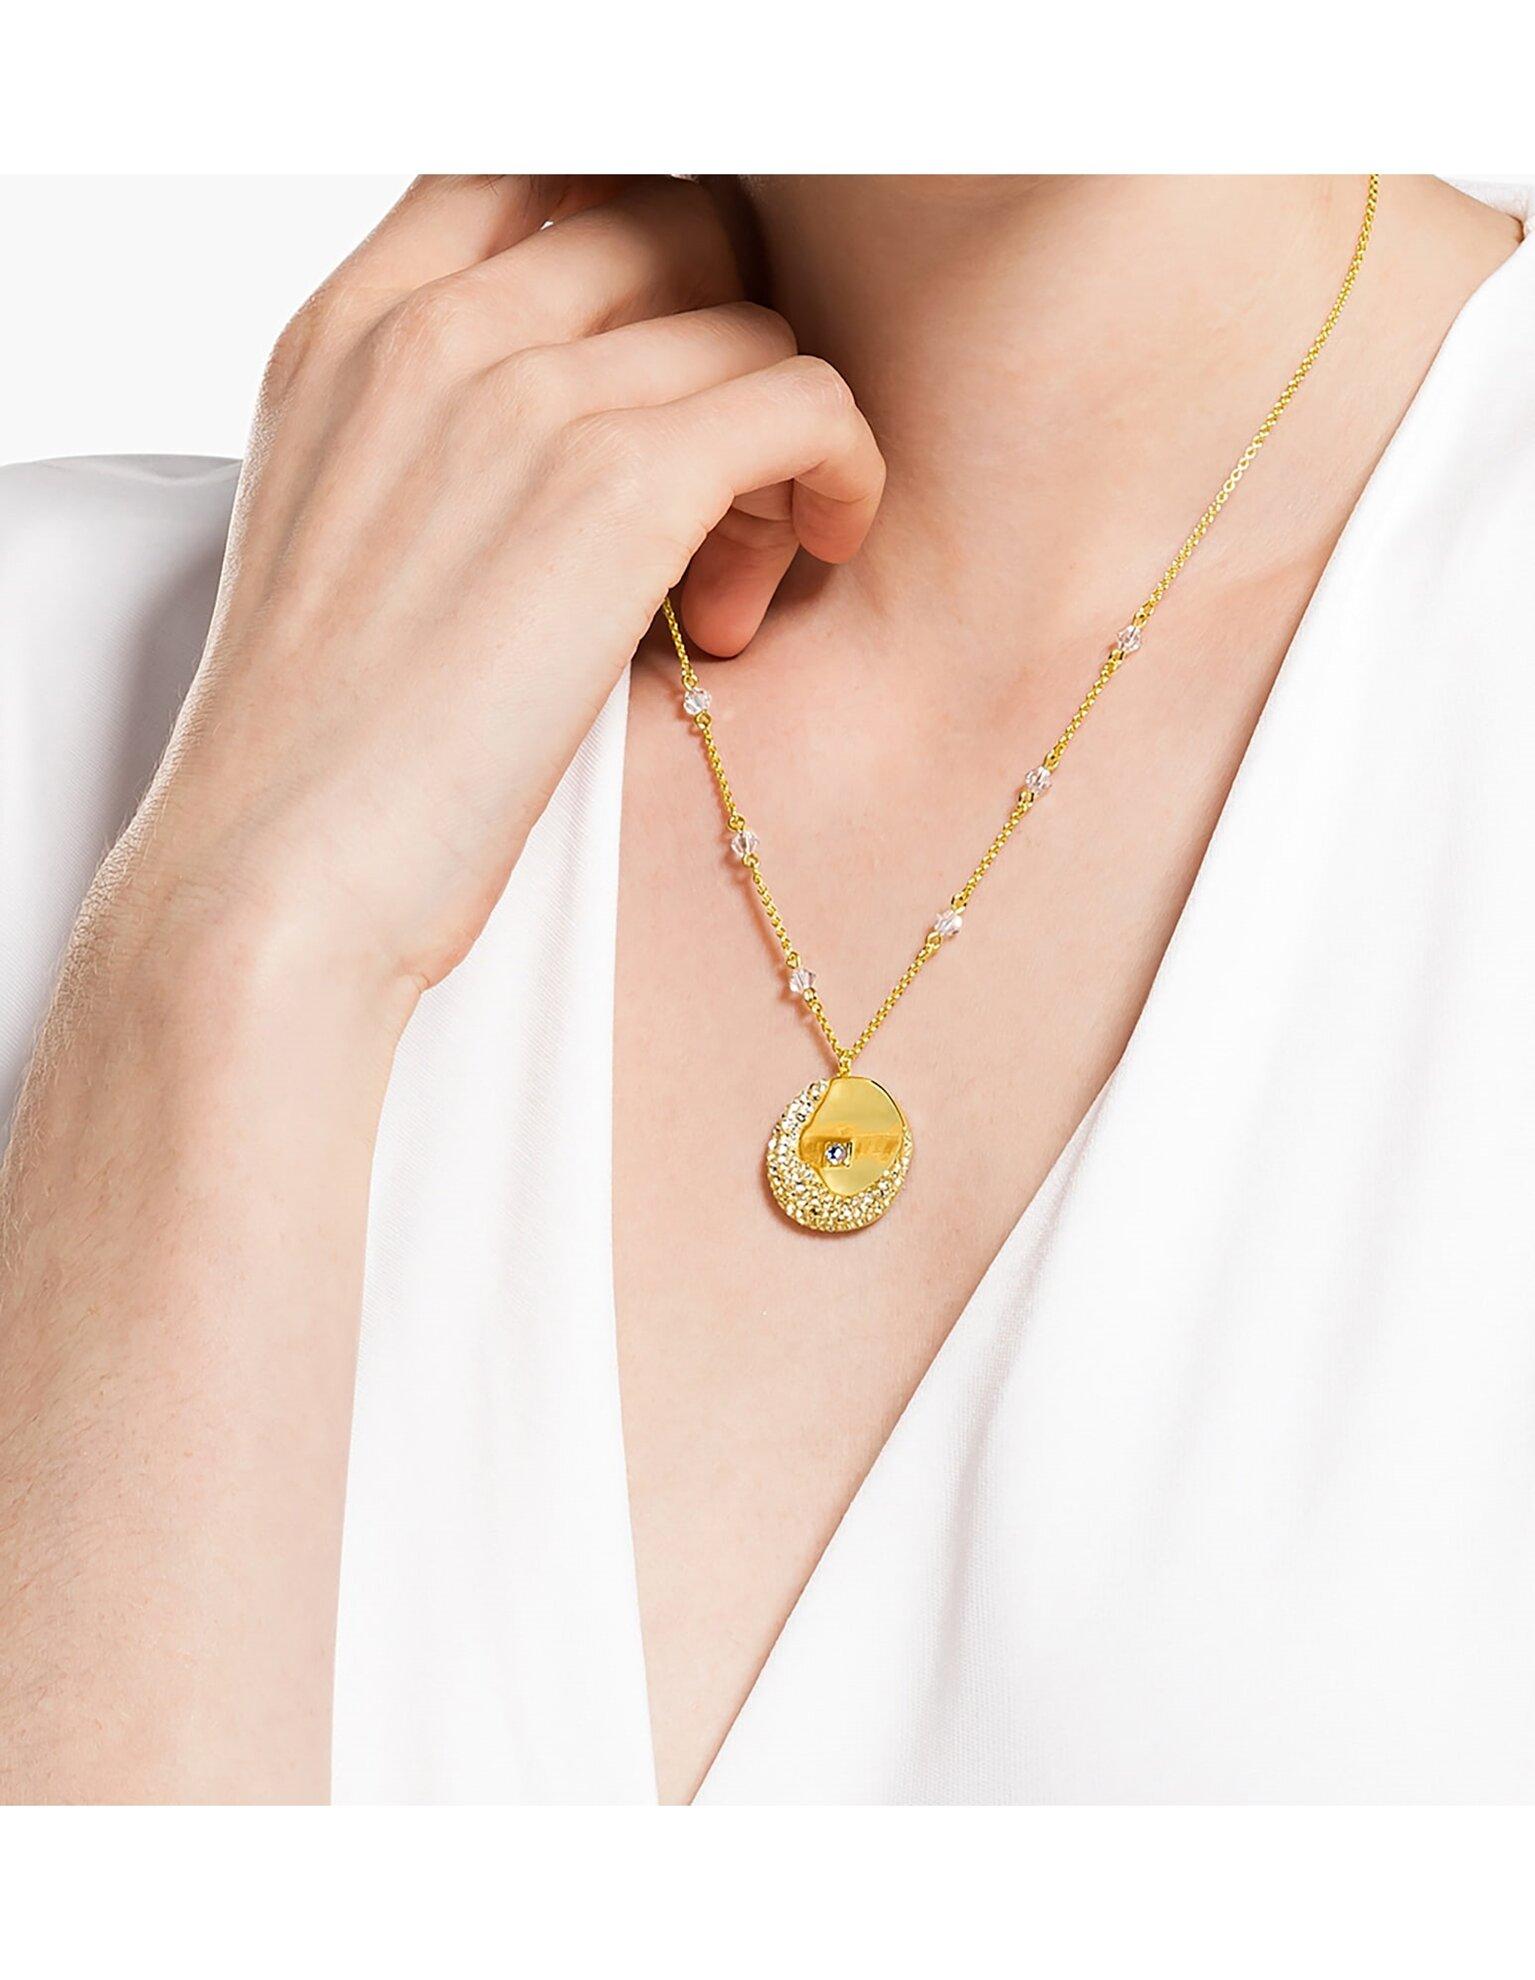 Picture of The Elements kolye, Sarı, Altın rengi kaplama